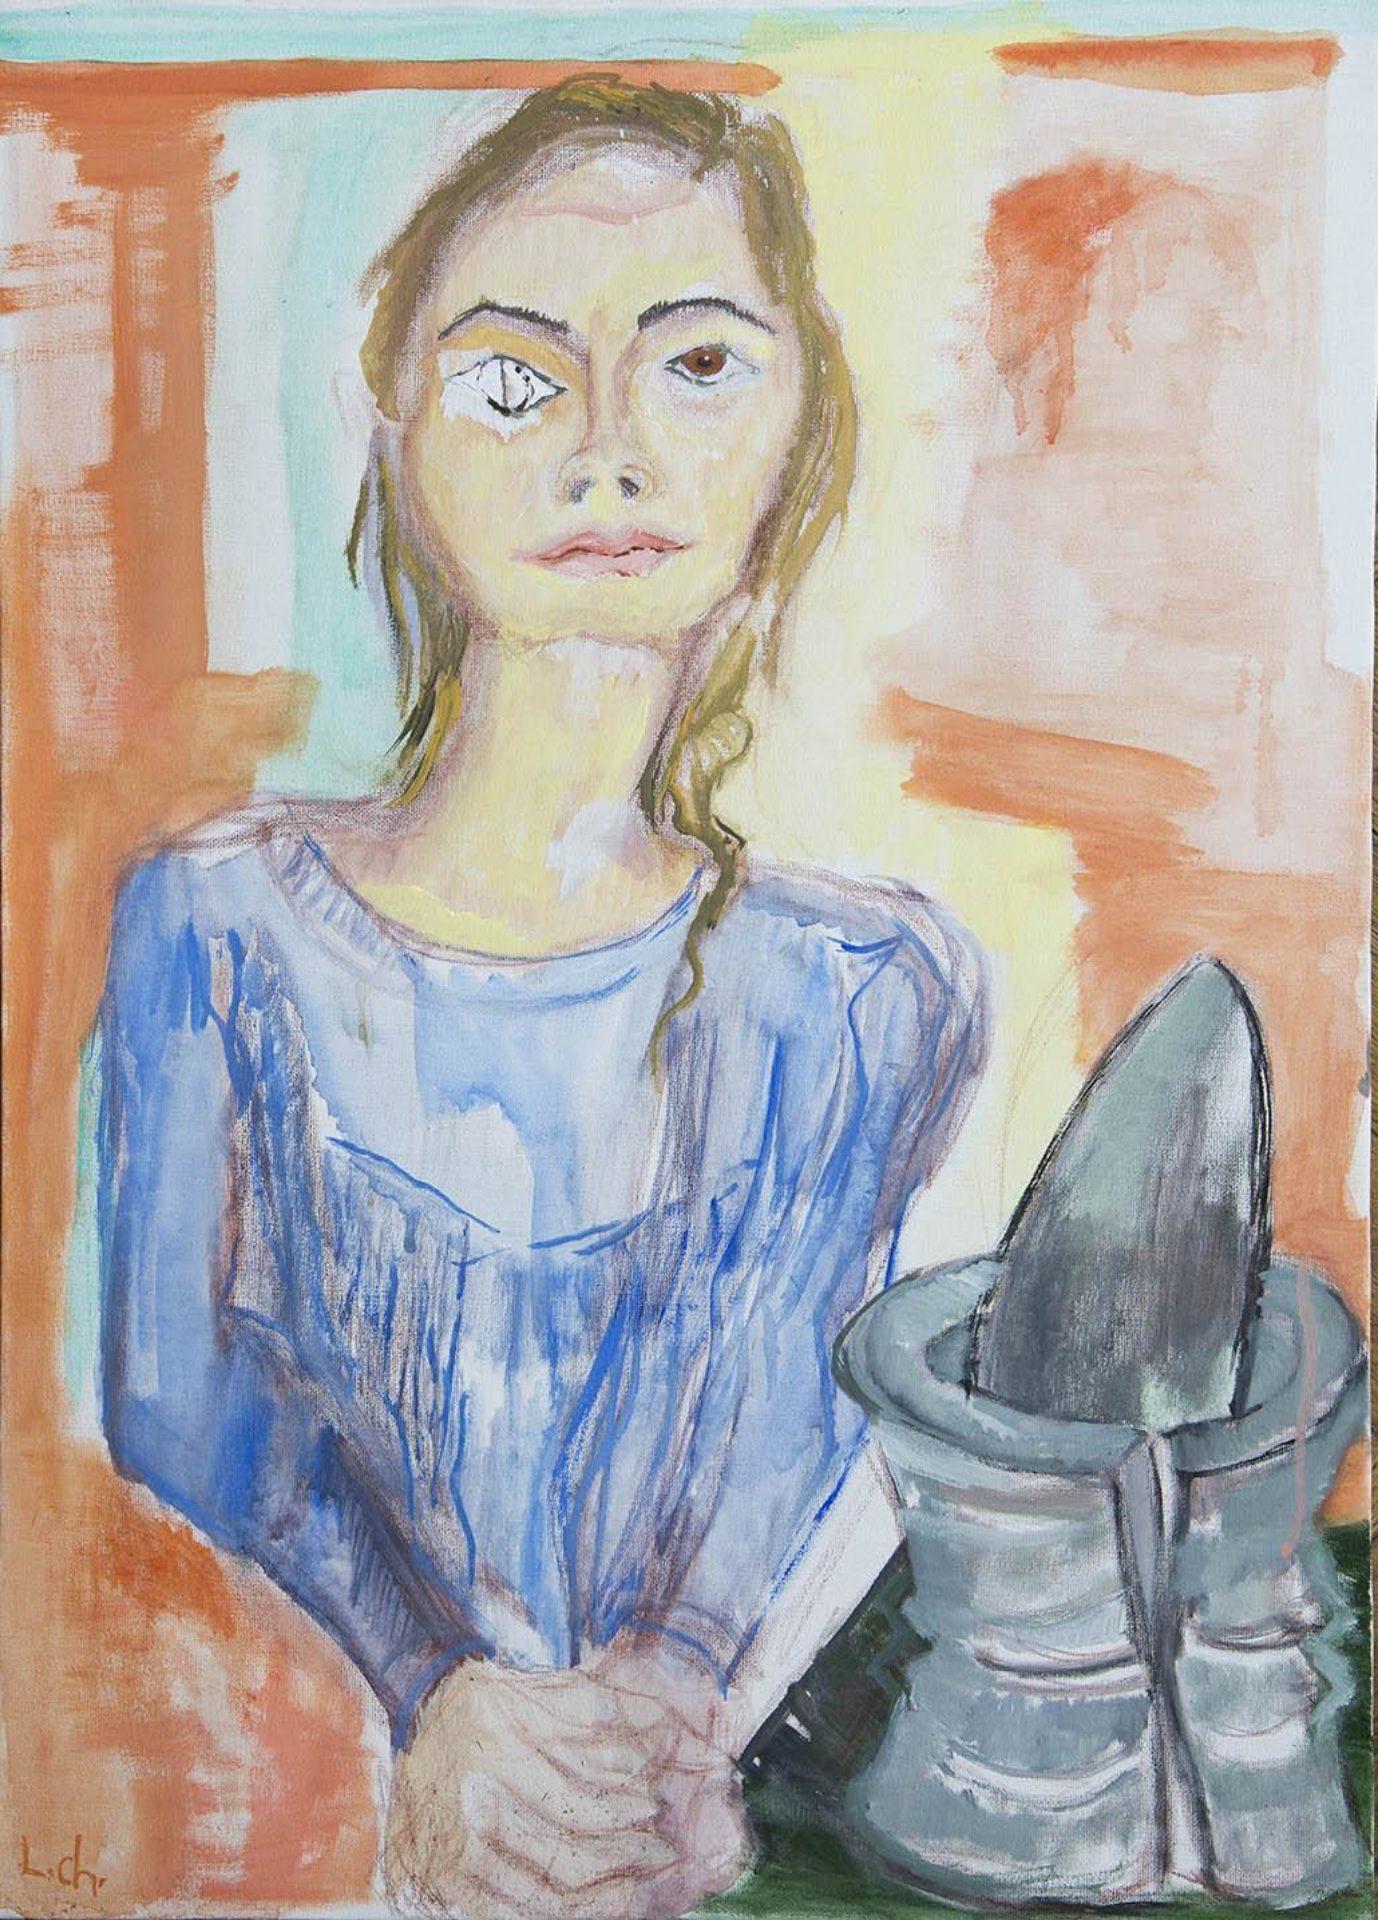 Levan Chelidze, Girl with Broken Pestle, 2016